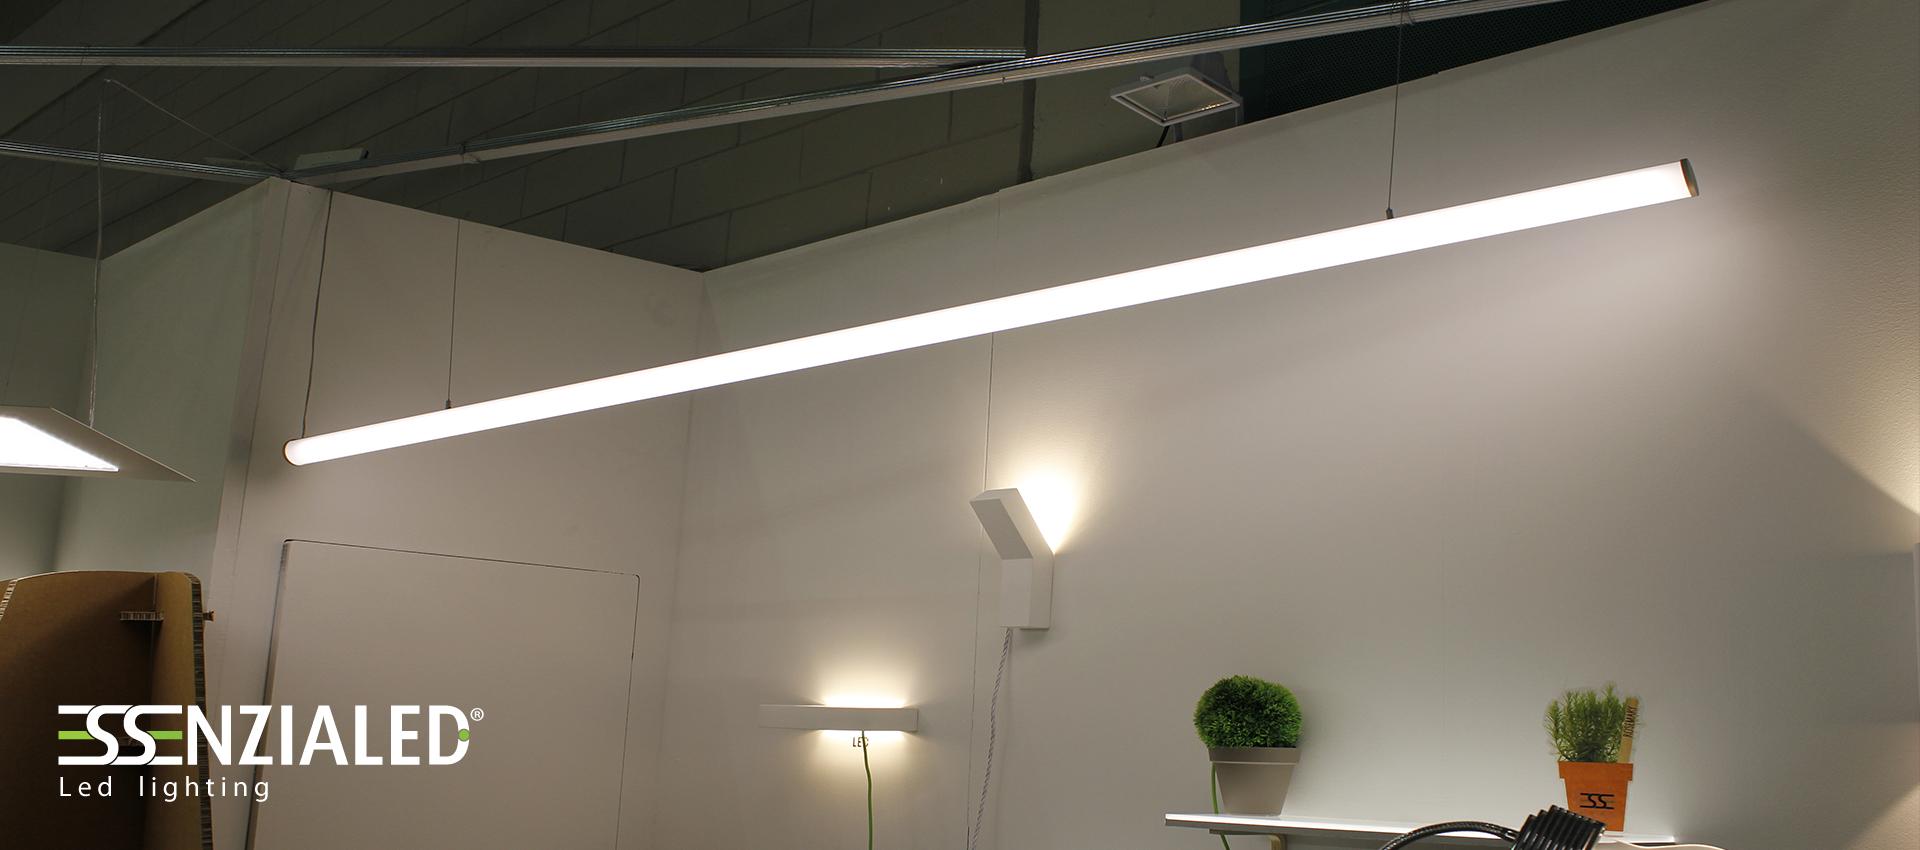 Tube 6 0 tubo led sospensione tutta luceessenzialed for Luci tubolari a led